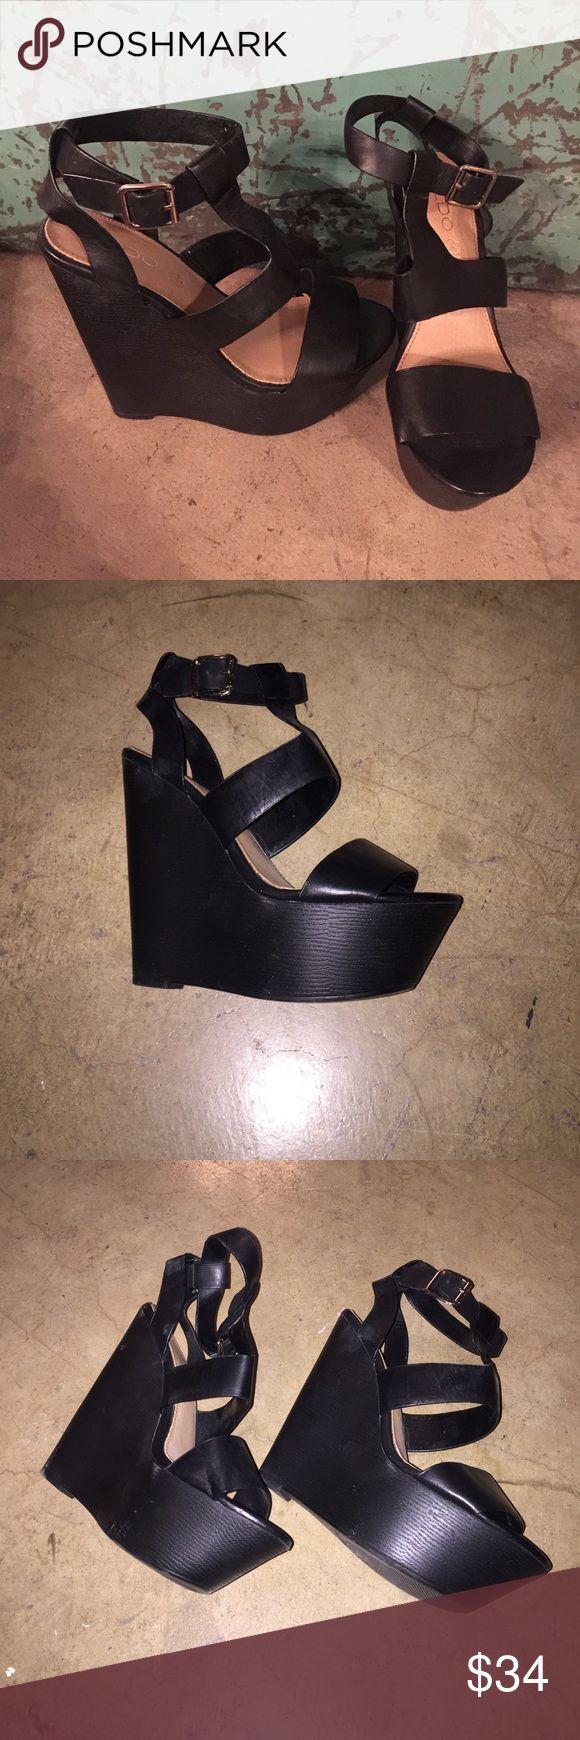 """Also- black platform wedges 🍍 Super cute black platform wedges. Worn once. 2"""" platform 5.5"""" heel. Size 8. Aldo Shoes Platforms"""